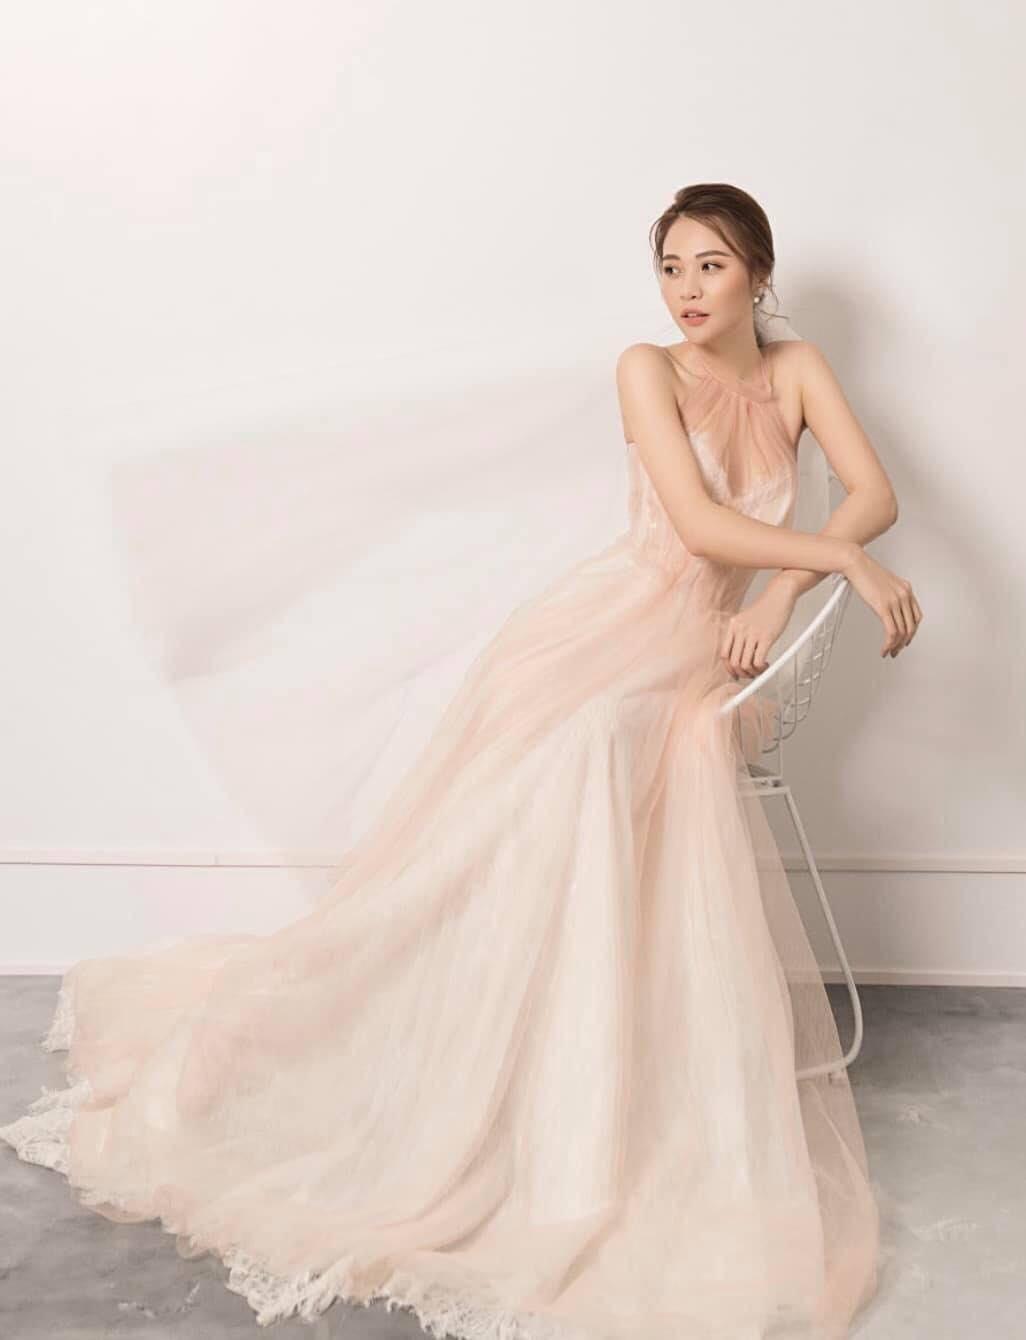 Stylist Pông Chuẩn là người phụ trách hình ảnh cho đám cưới của Đàm Thu Trang.